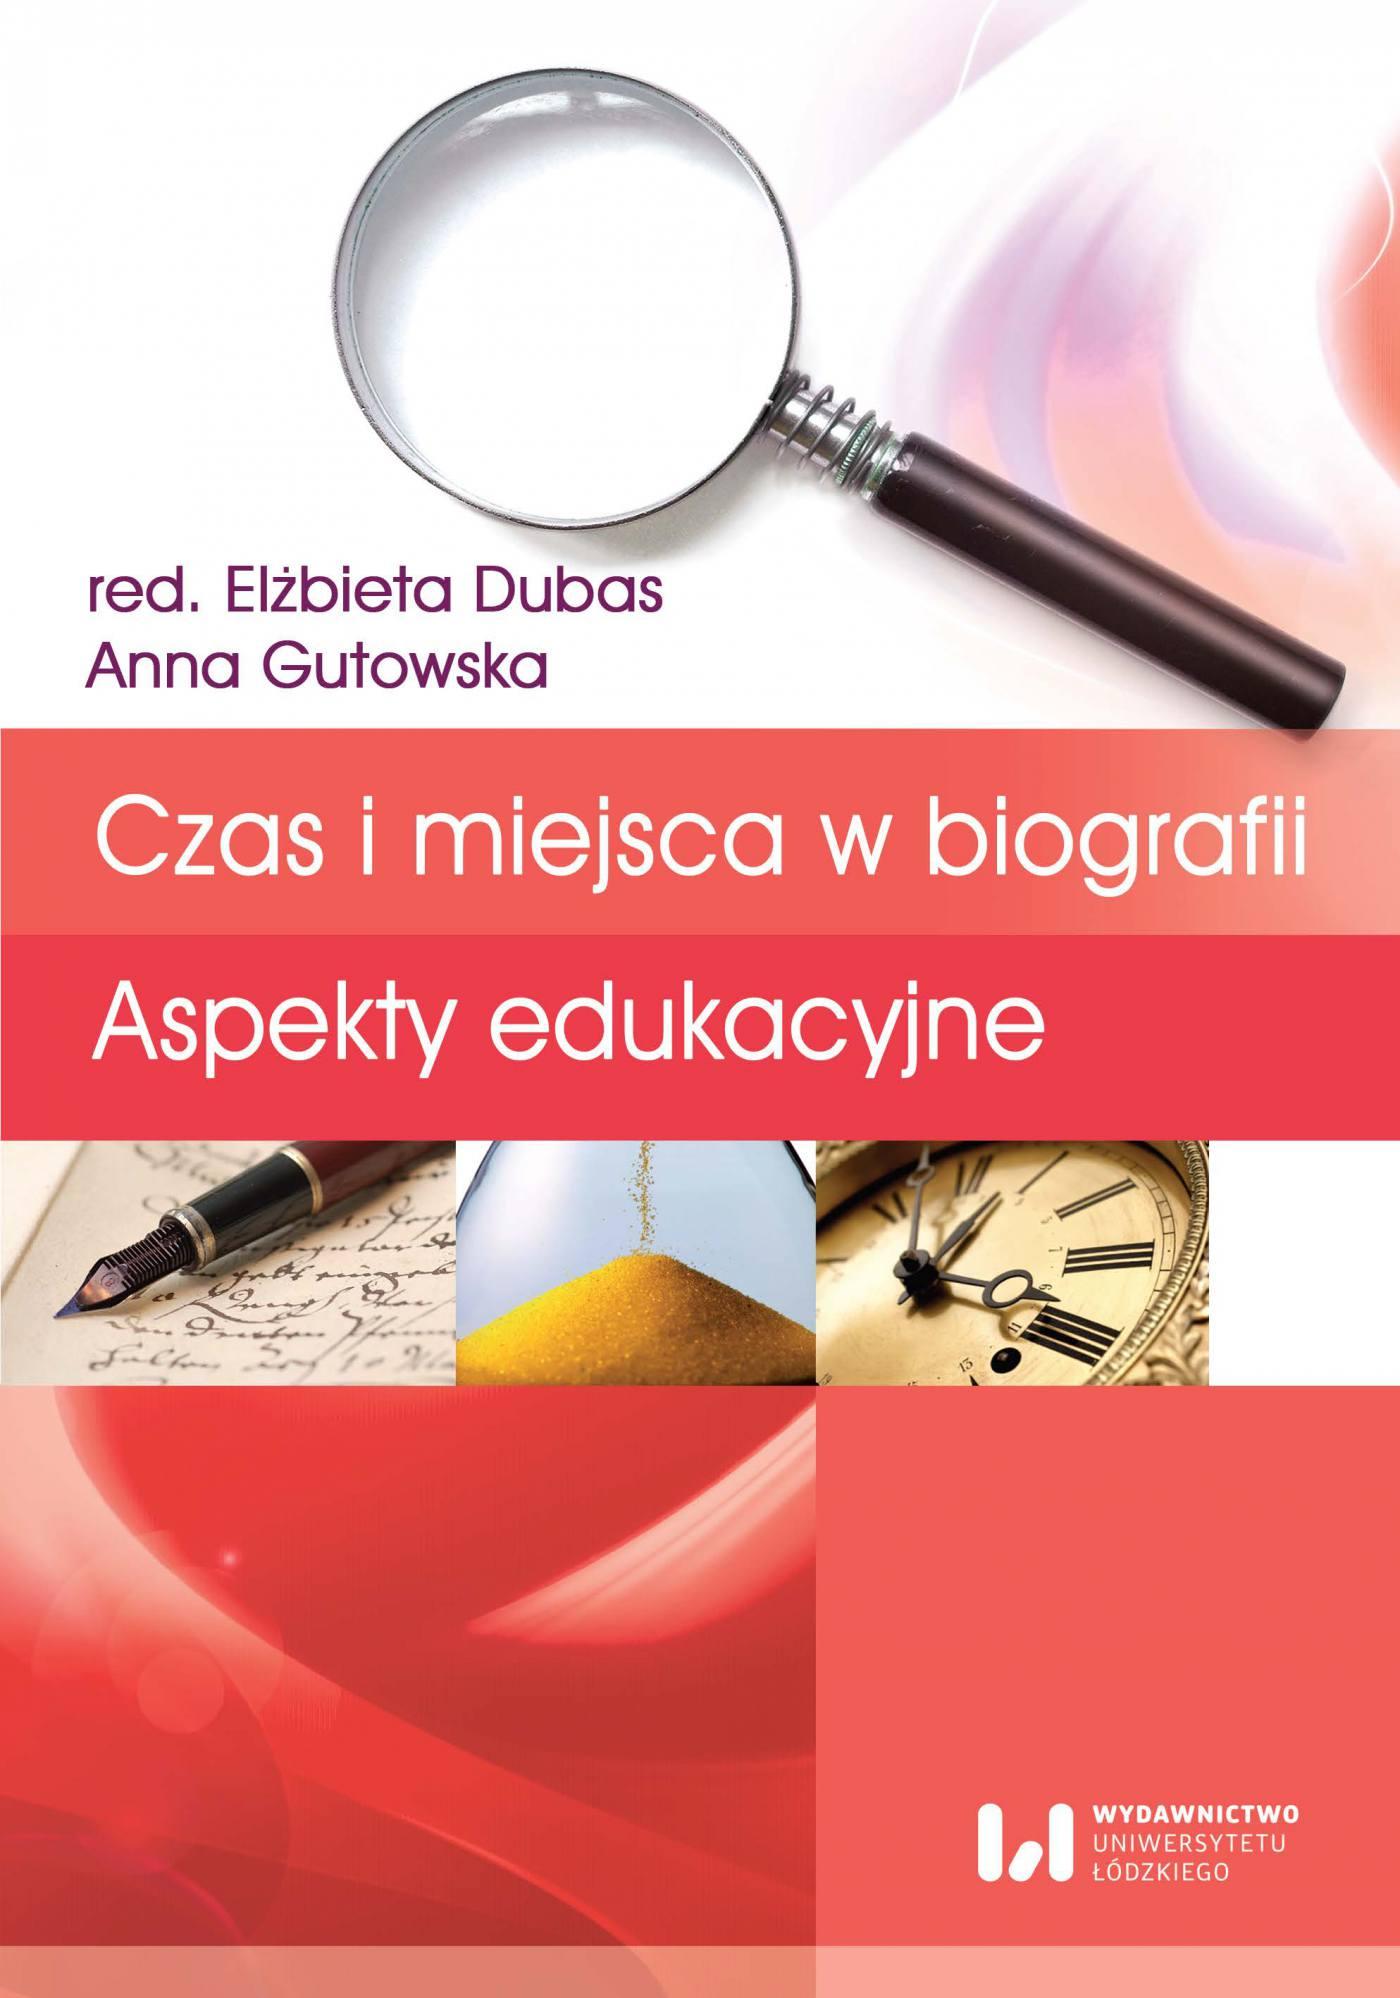 Czas i miejsca w biografii. Aspekty edukacyjne - Ebook (Książka PDF) do pobrania w formacie PDF